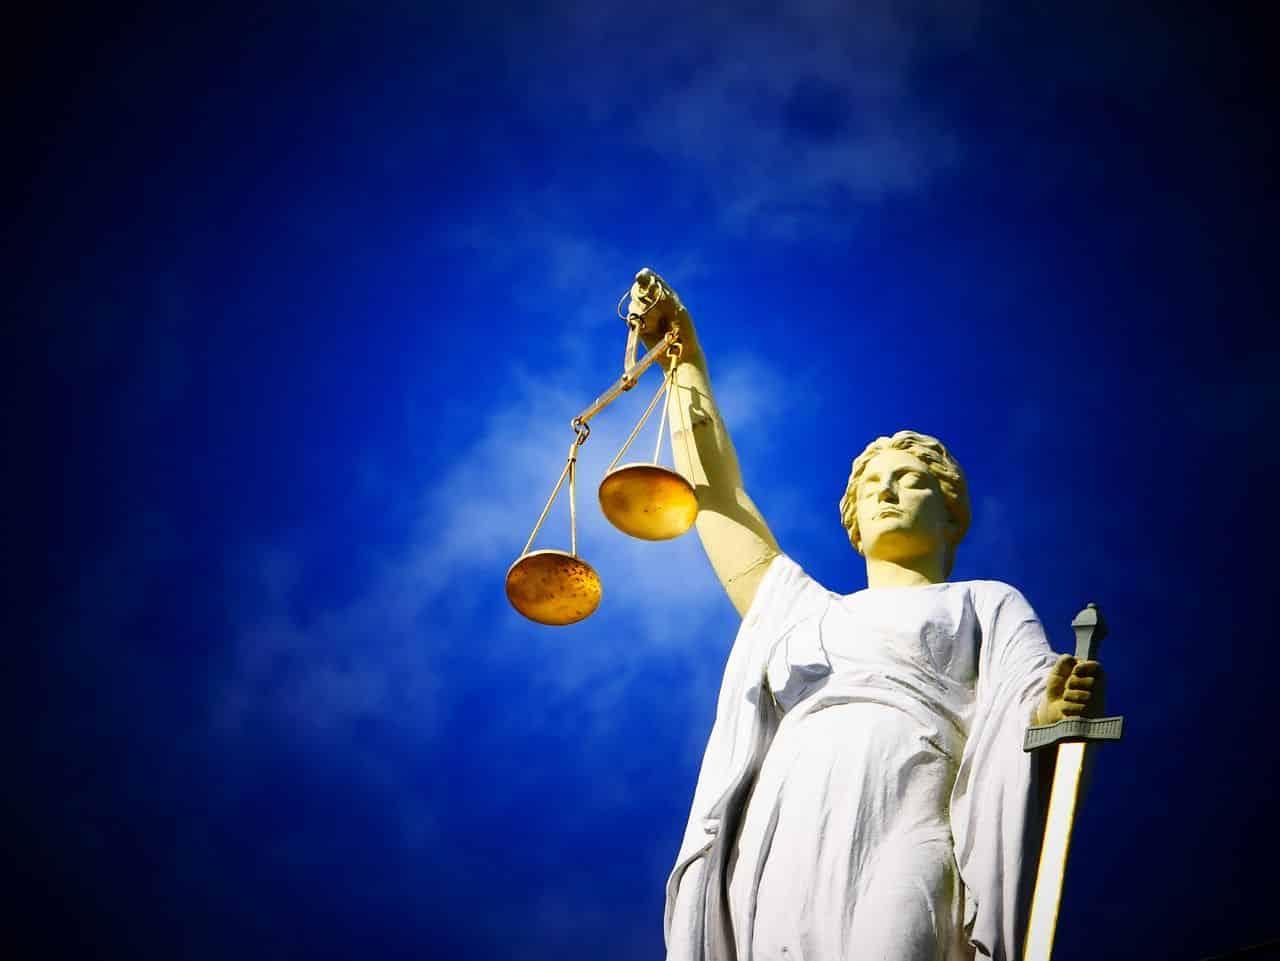 Urteil freiberufliche Pflegekräfte schockiert Honorarkräfte in der Pflege